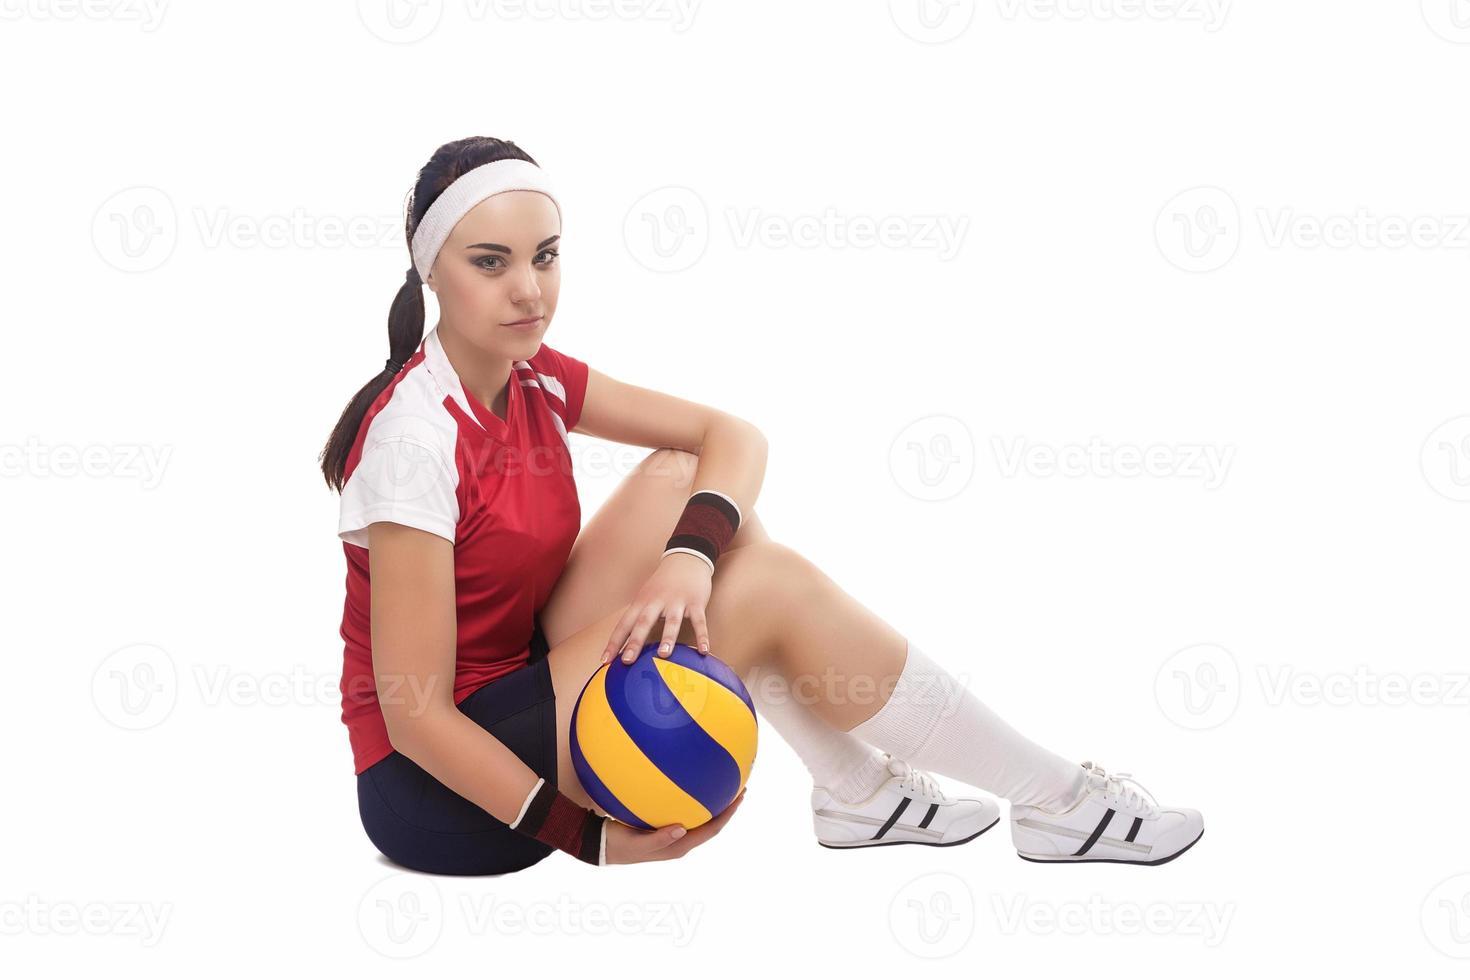 Kaukasische professionele vrouwelijke volleyballer zitten met bal foto